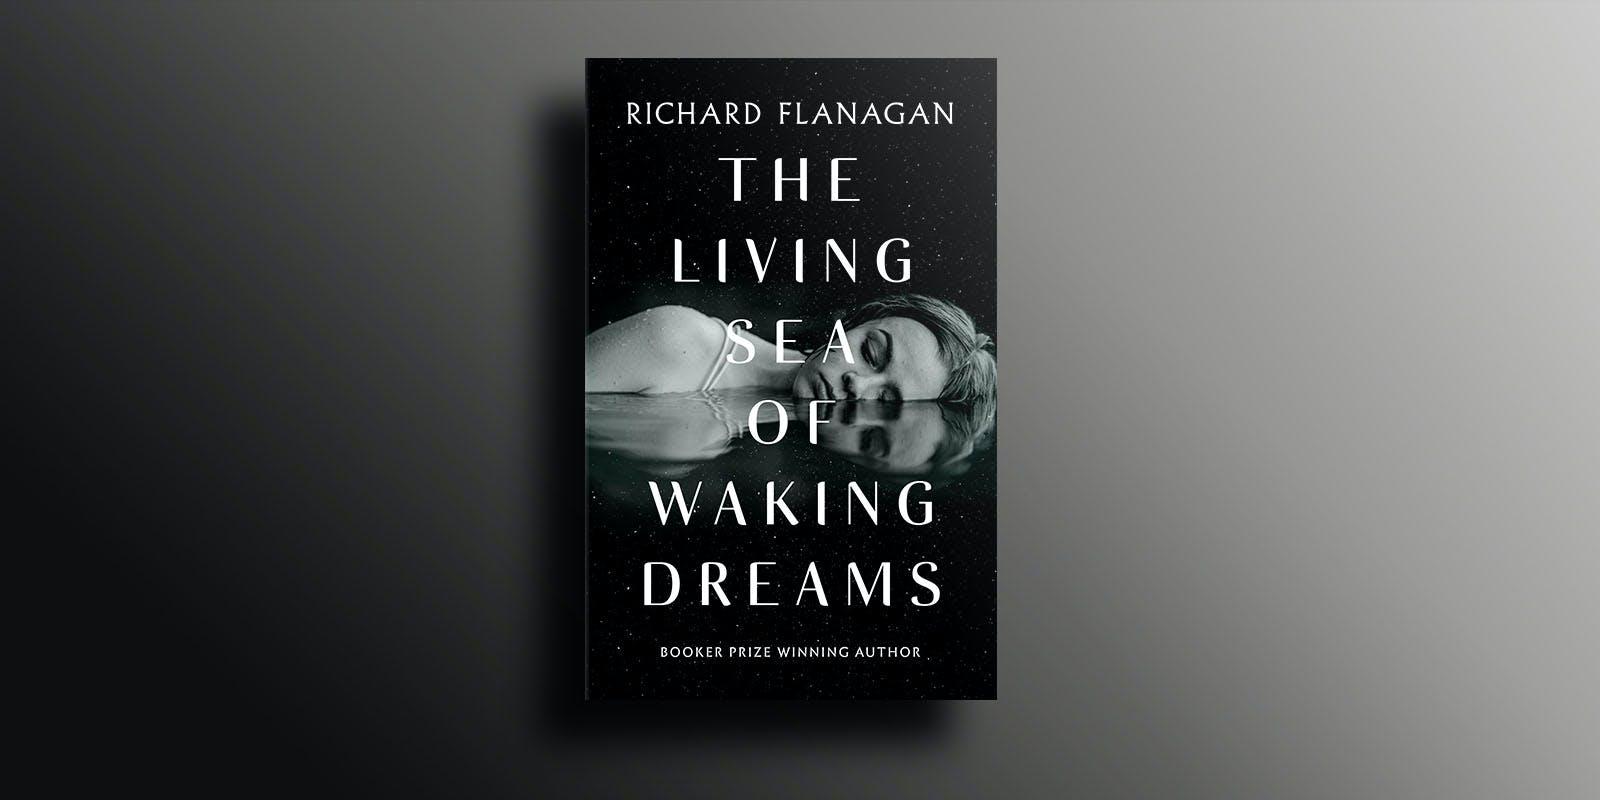 New Richard Flanagan novel this October